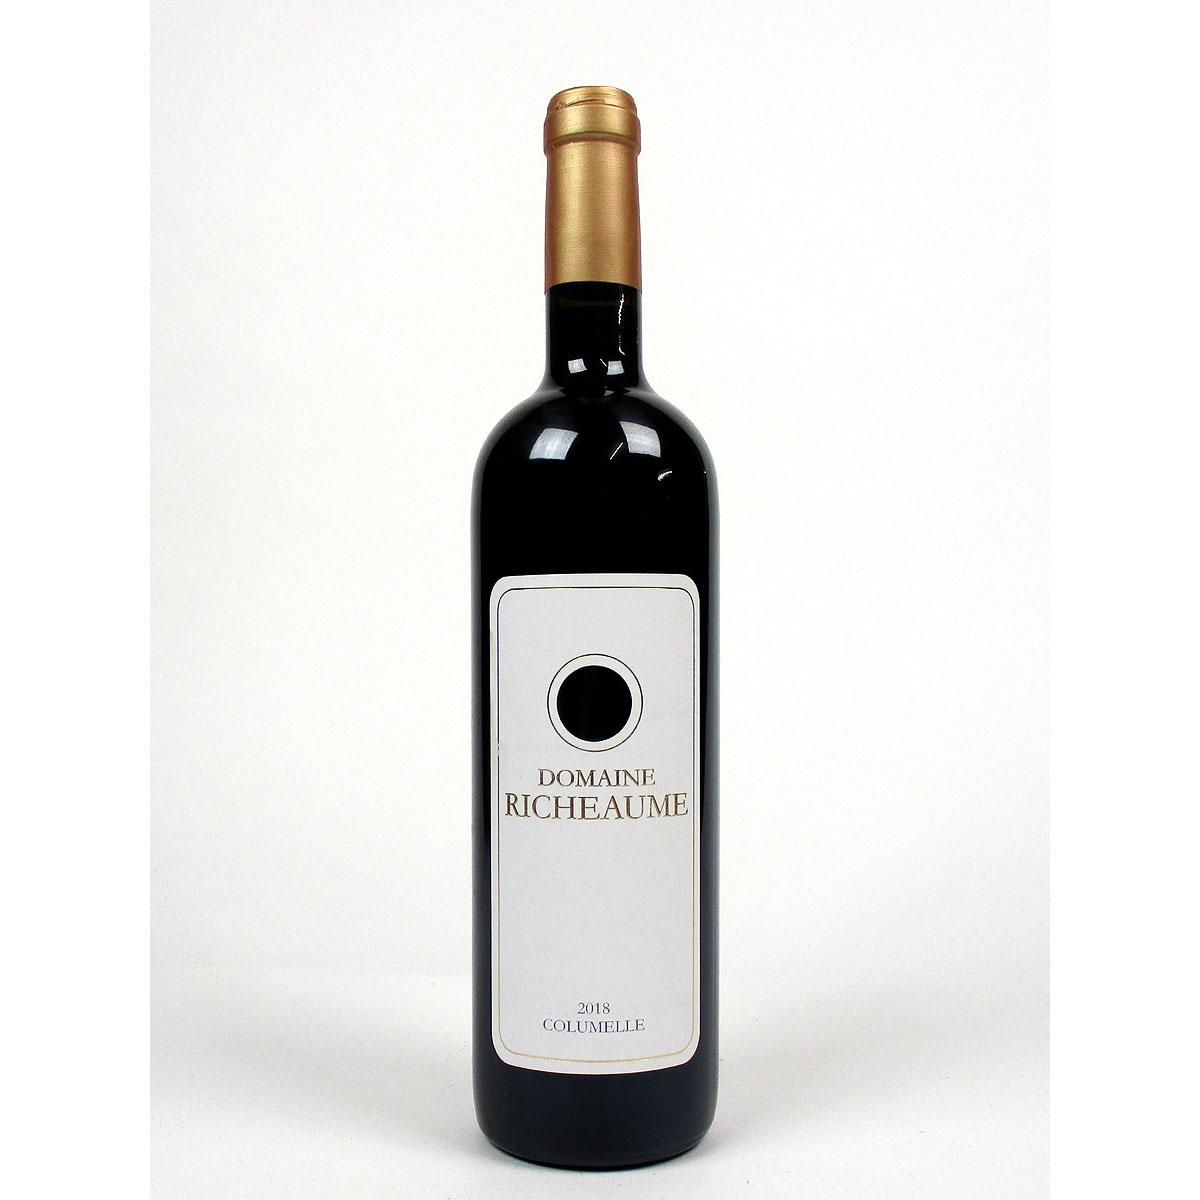 IGP Méditerranée: Domaine Richeaume 'Cuvée Columelle' 2018 - Bottle